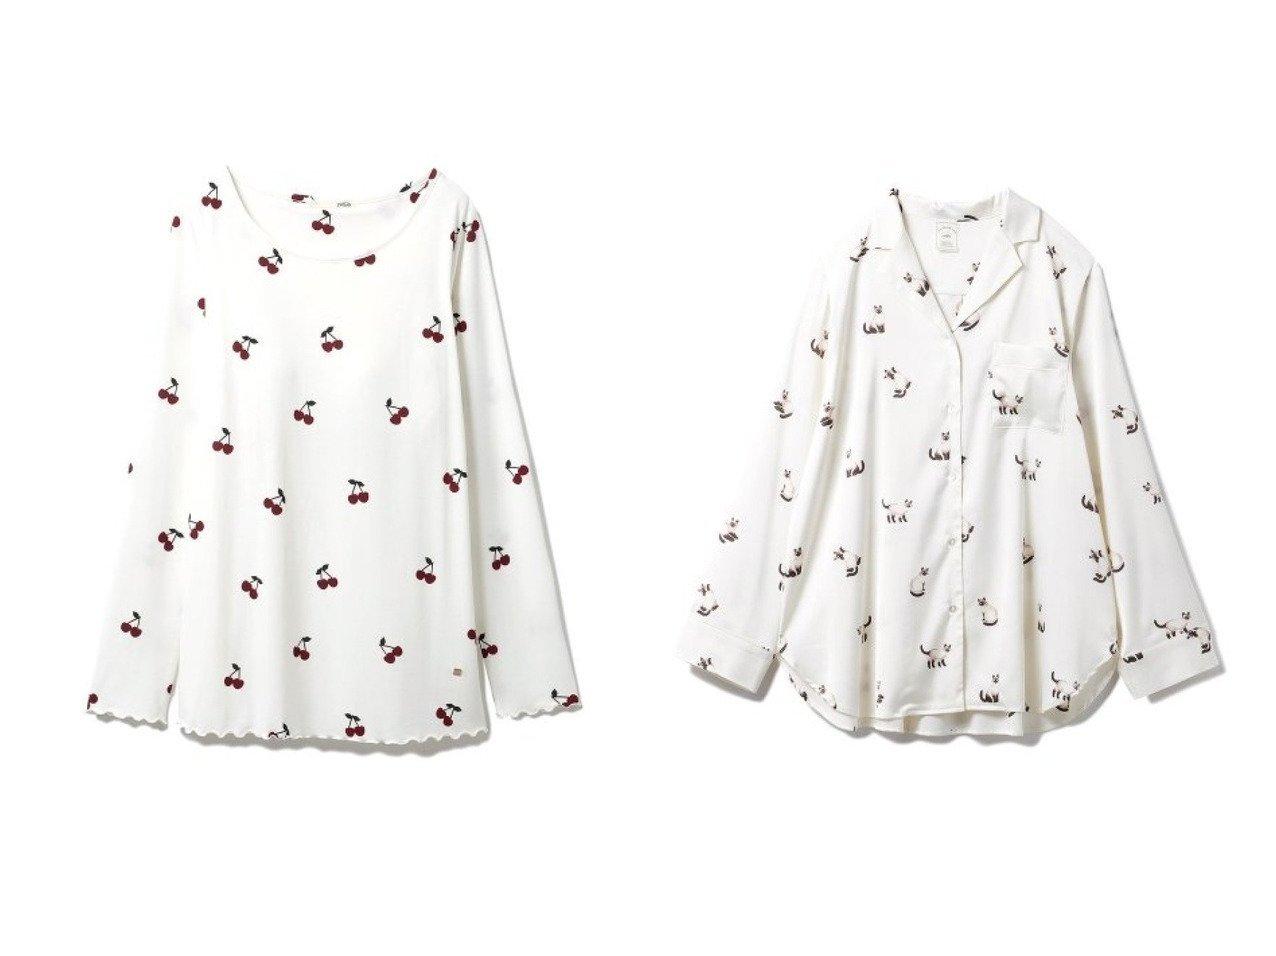 【gelato pique/ジェラート ピケ】のシャムネコサテンシャツ&チェリープルオーバー ホームウェアのおすすめ!人気、トレンド・レディースファッションの通販 おすすめで人気の流行・トレンド、ファッションの通販商品 メンズファッション・キッズファッション・インテリア・家具・レディースファッション・服の通販 founy(ファニー) https://founy.com/ ファッション Fashion レディースファッション WOMEN トップス Tops Tshirt シャツ/ブラウス Shirts Blouses ロング / Tシャツ T-Shirts プルオーバー Pullover カットソー Cut and Sewn カットソー ストレッチ チェリー リラックス レギンス ロング 再入荷 Restock/Back in Stock/Re Arrival サテン スタイリッシュ セットアップ ネコ バランス パジャマ プリント モチーフ 人気 吸水  ID:crp329100000009572